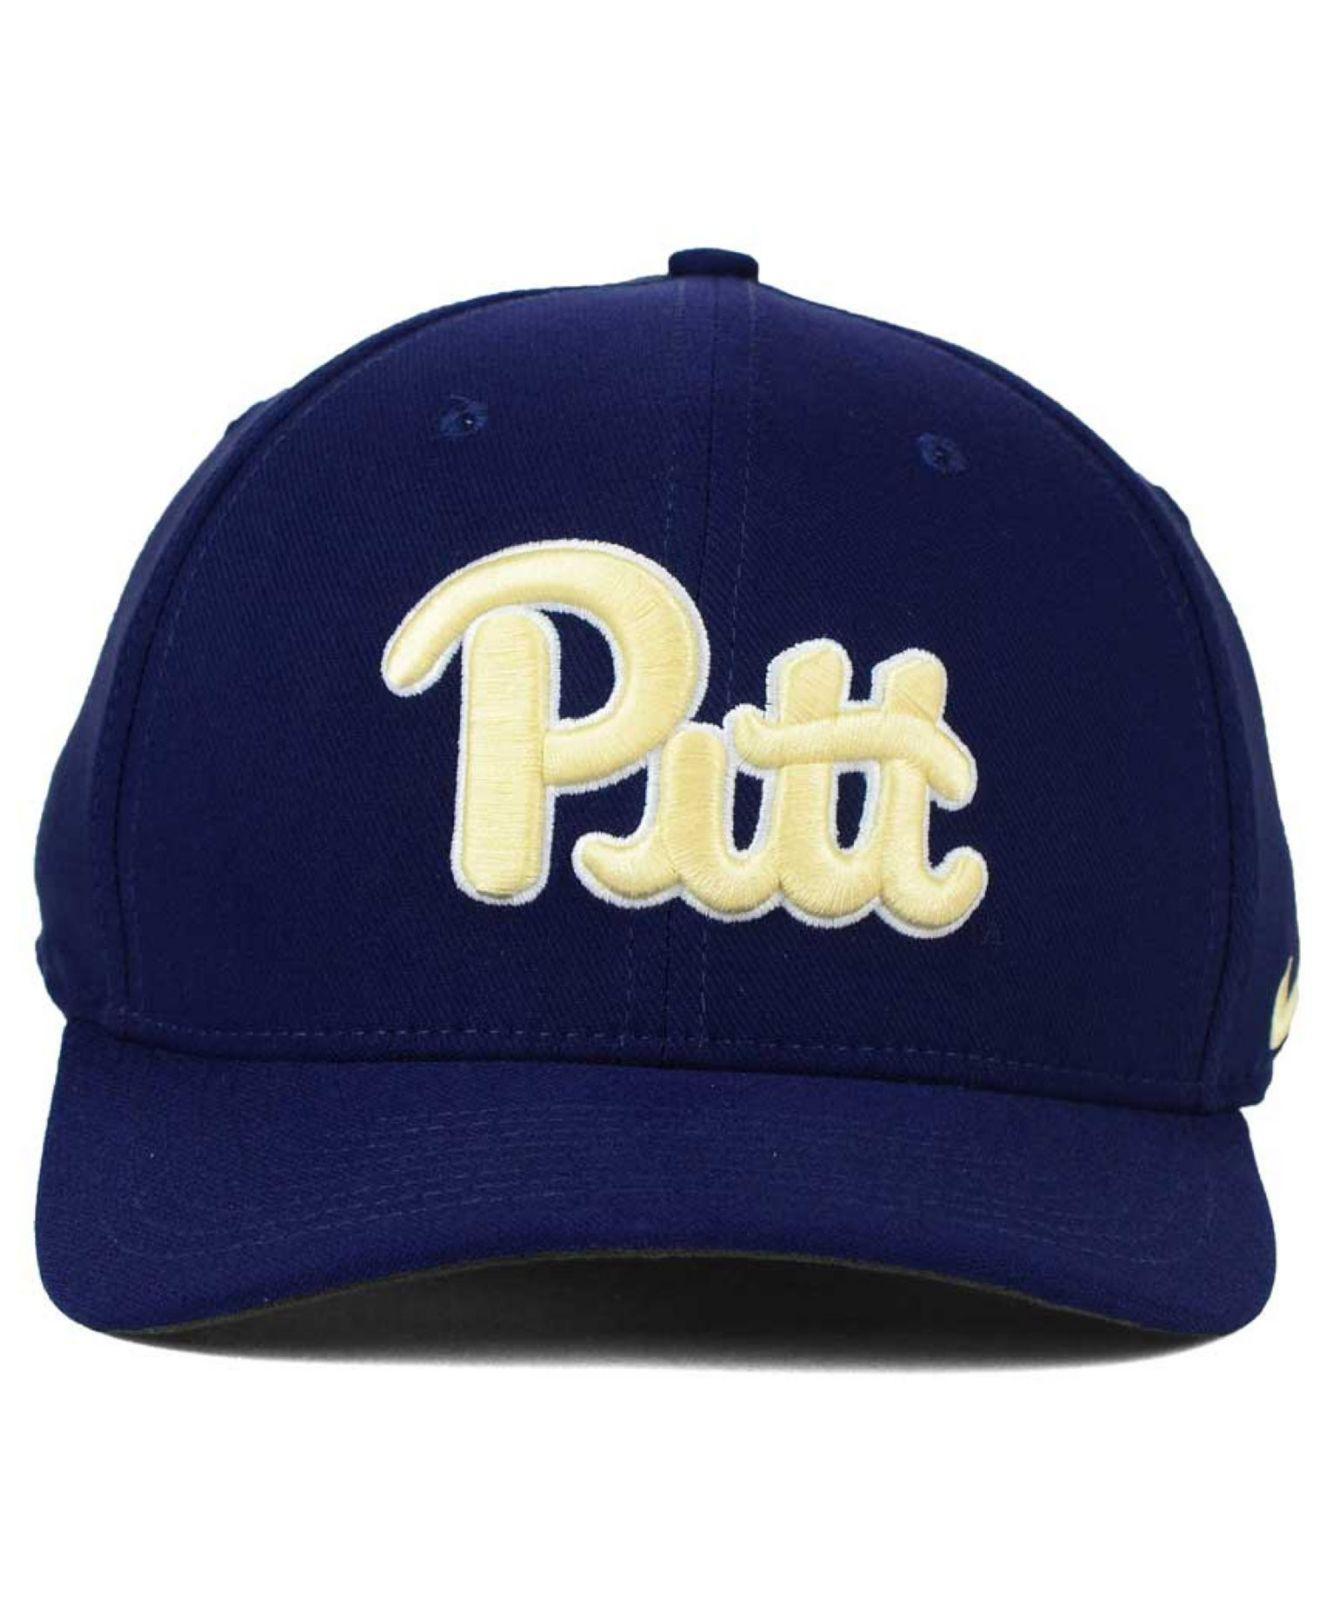 ... innovative design 4c5f1 a4c92 Lyst - Nike Pittsburgh Panthers Classic  Swoosh Cap in Blue f ... 478b791f375